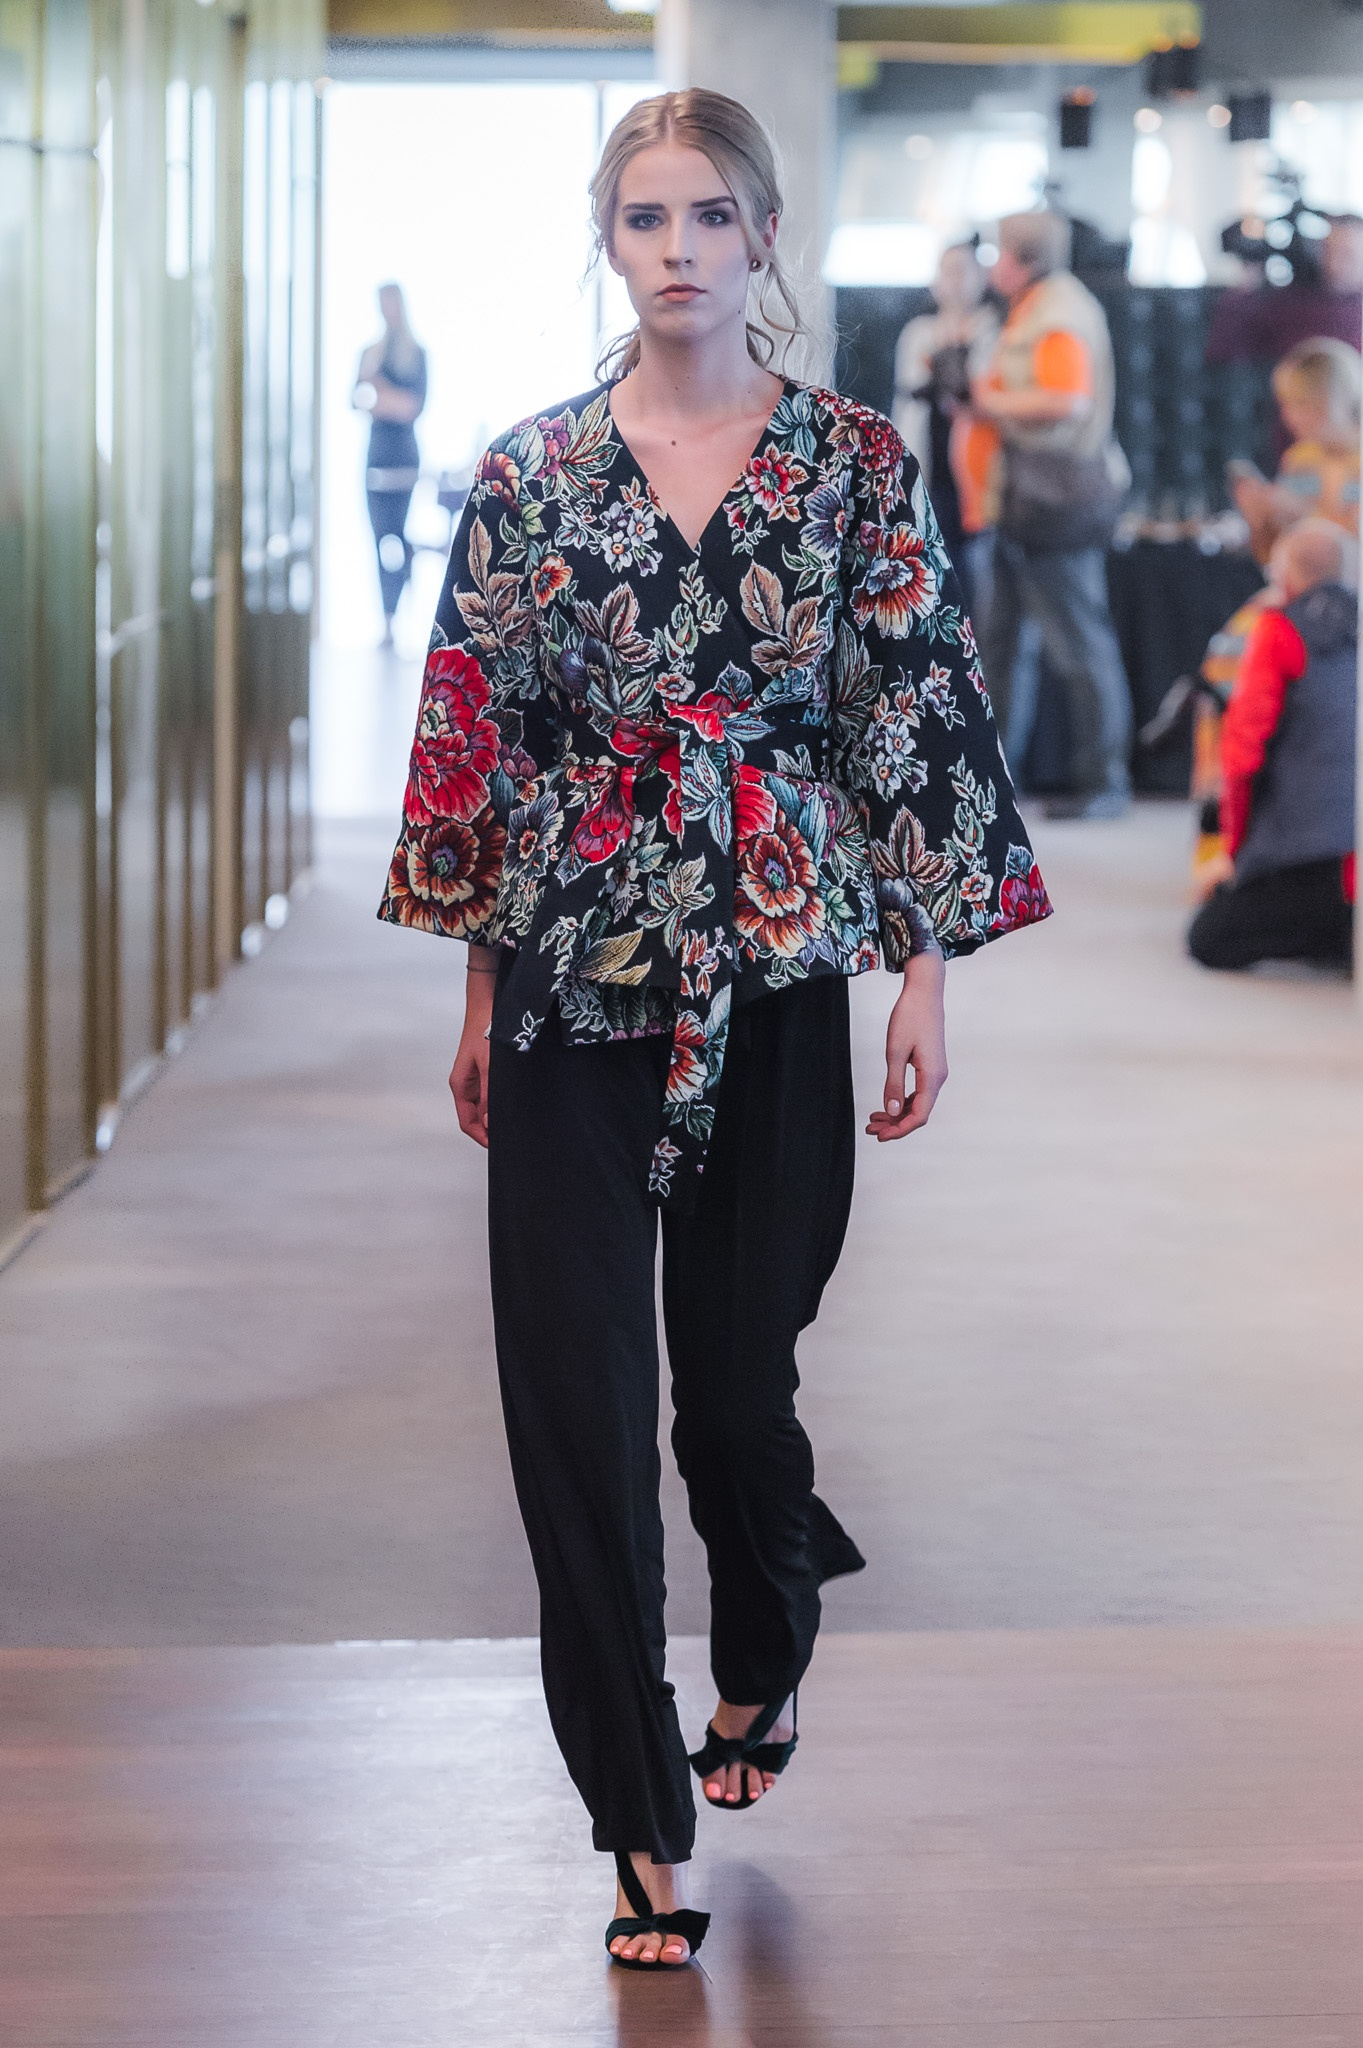 64_ZAQUAD110517_web_fotFilipOkopny_FashionImages